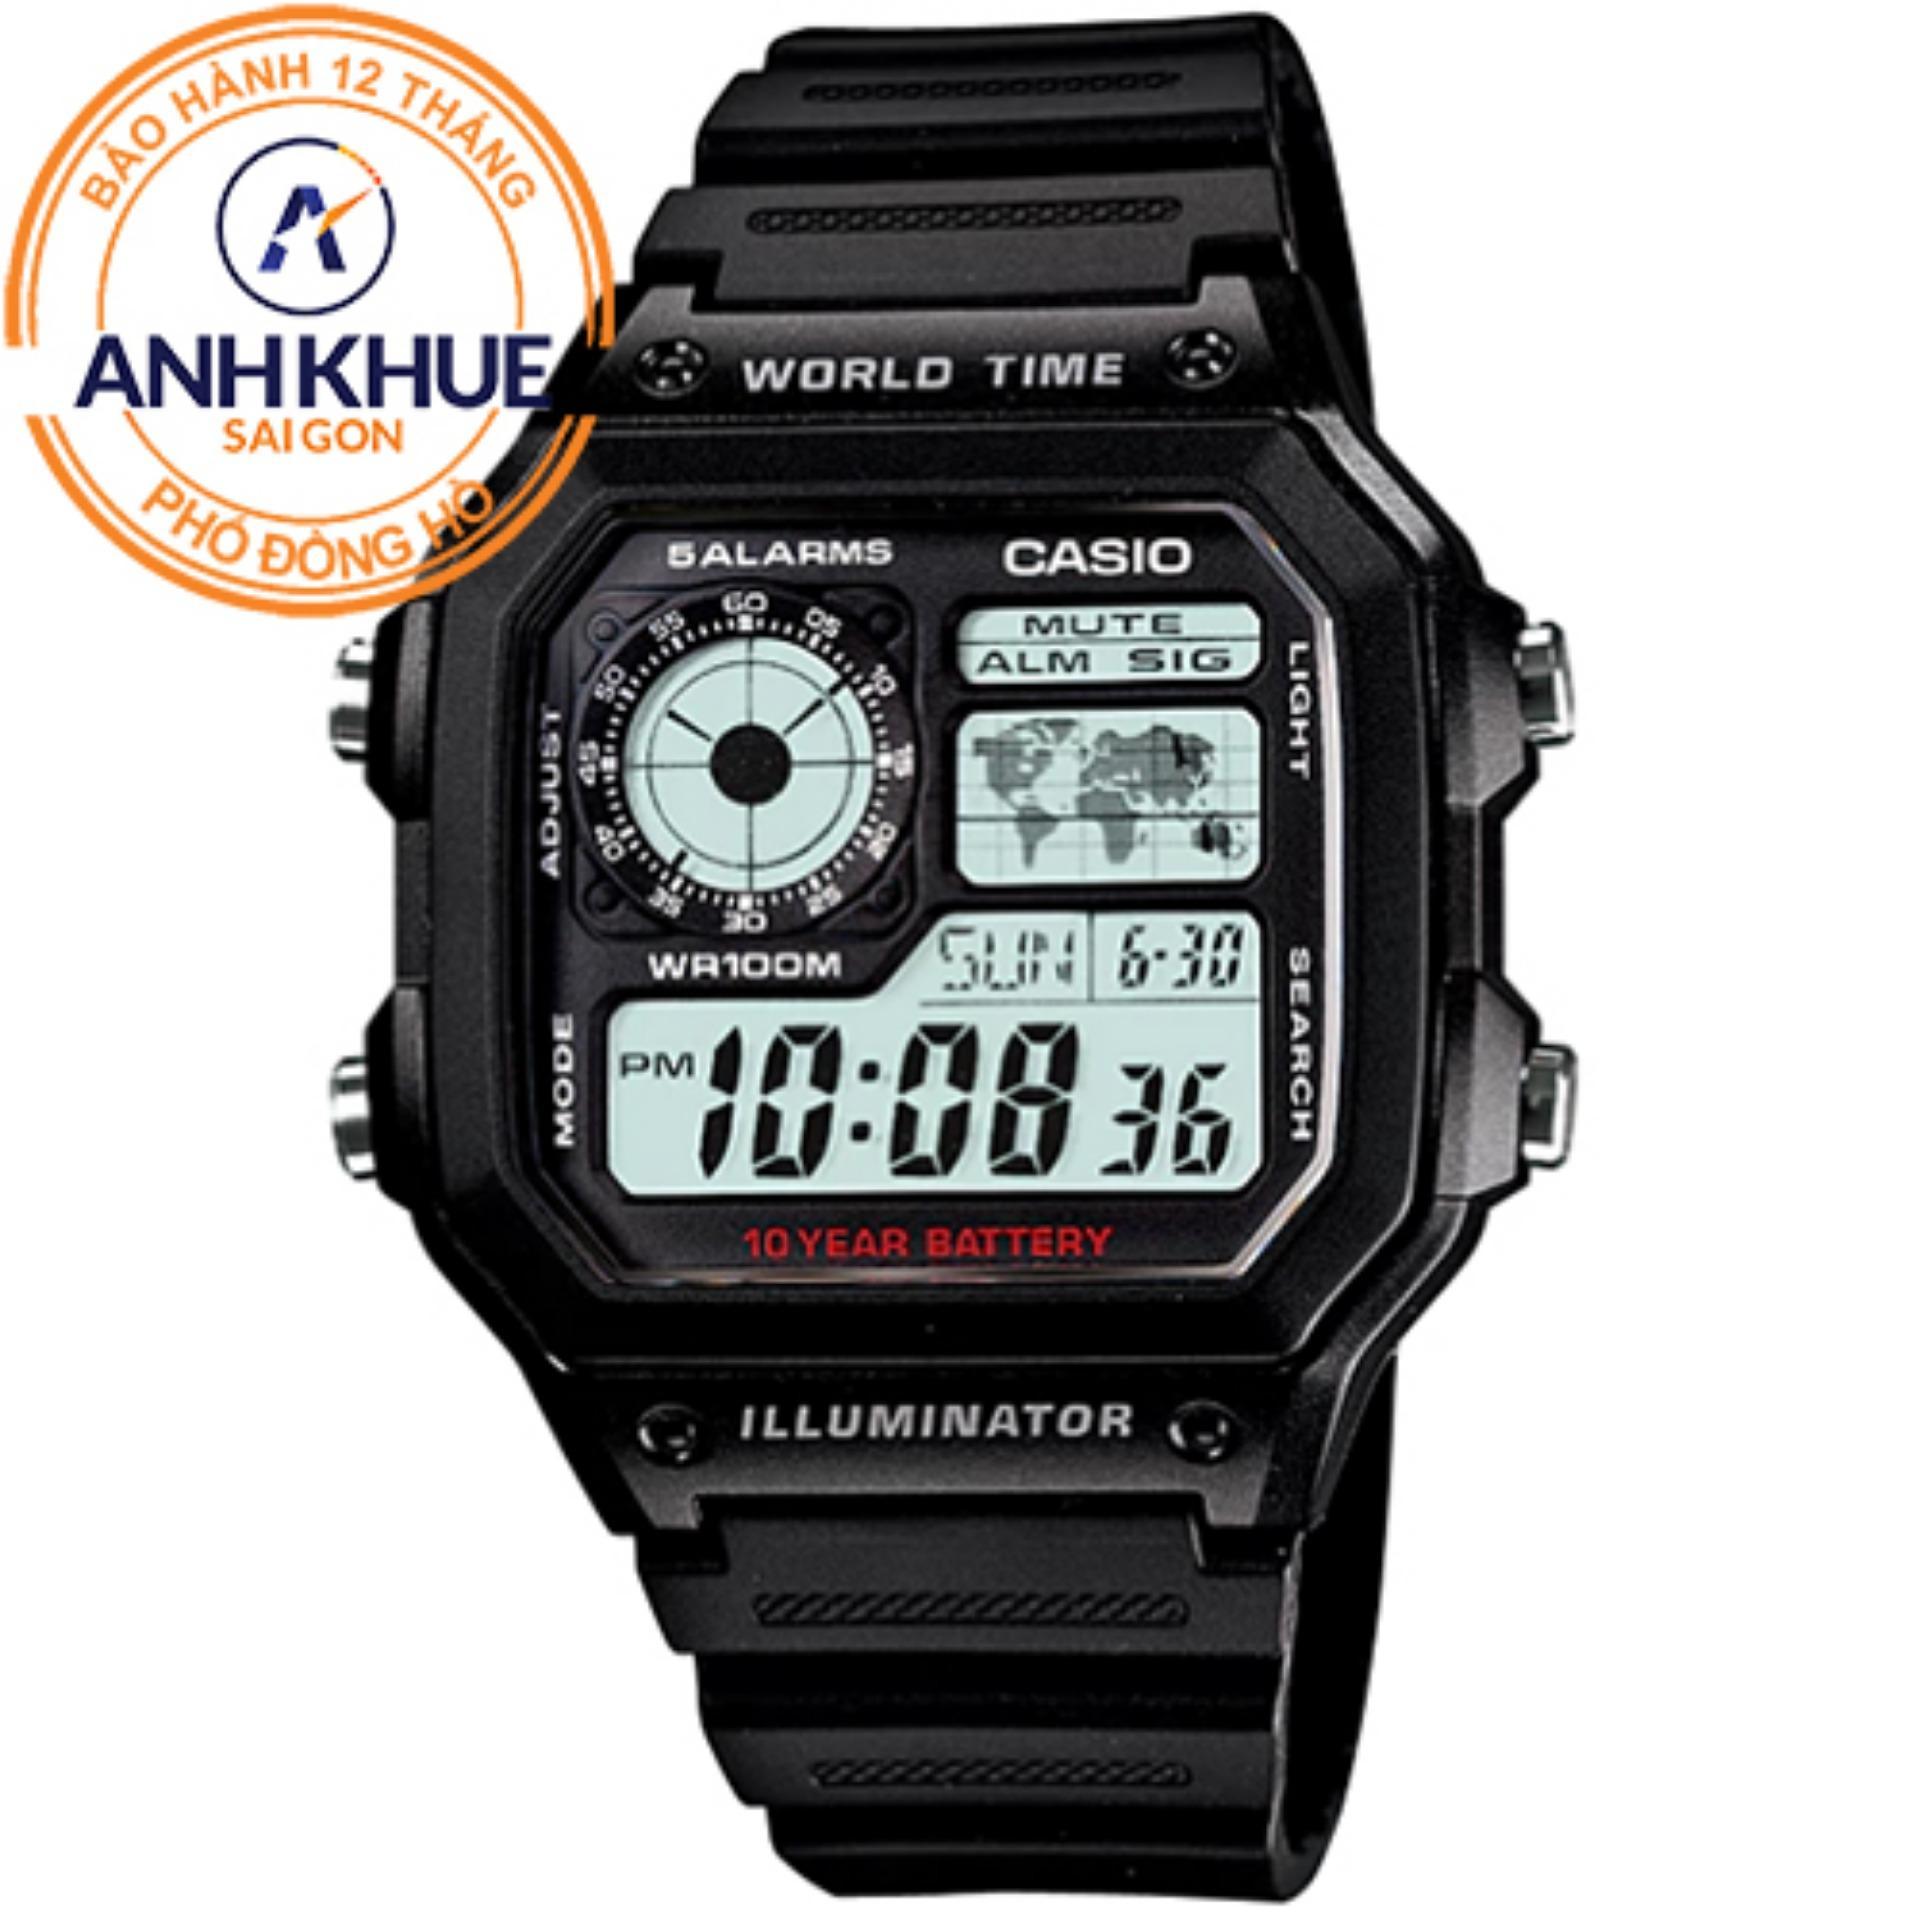 Đồng hồ nam dây nhựa Casio Anh Khuê AE-1200WH-1AVDF